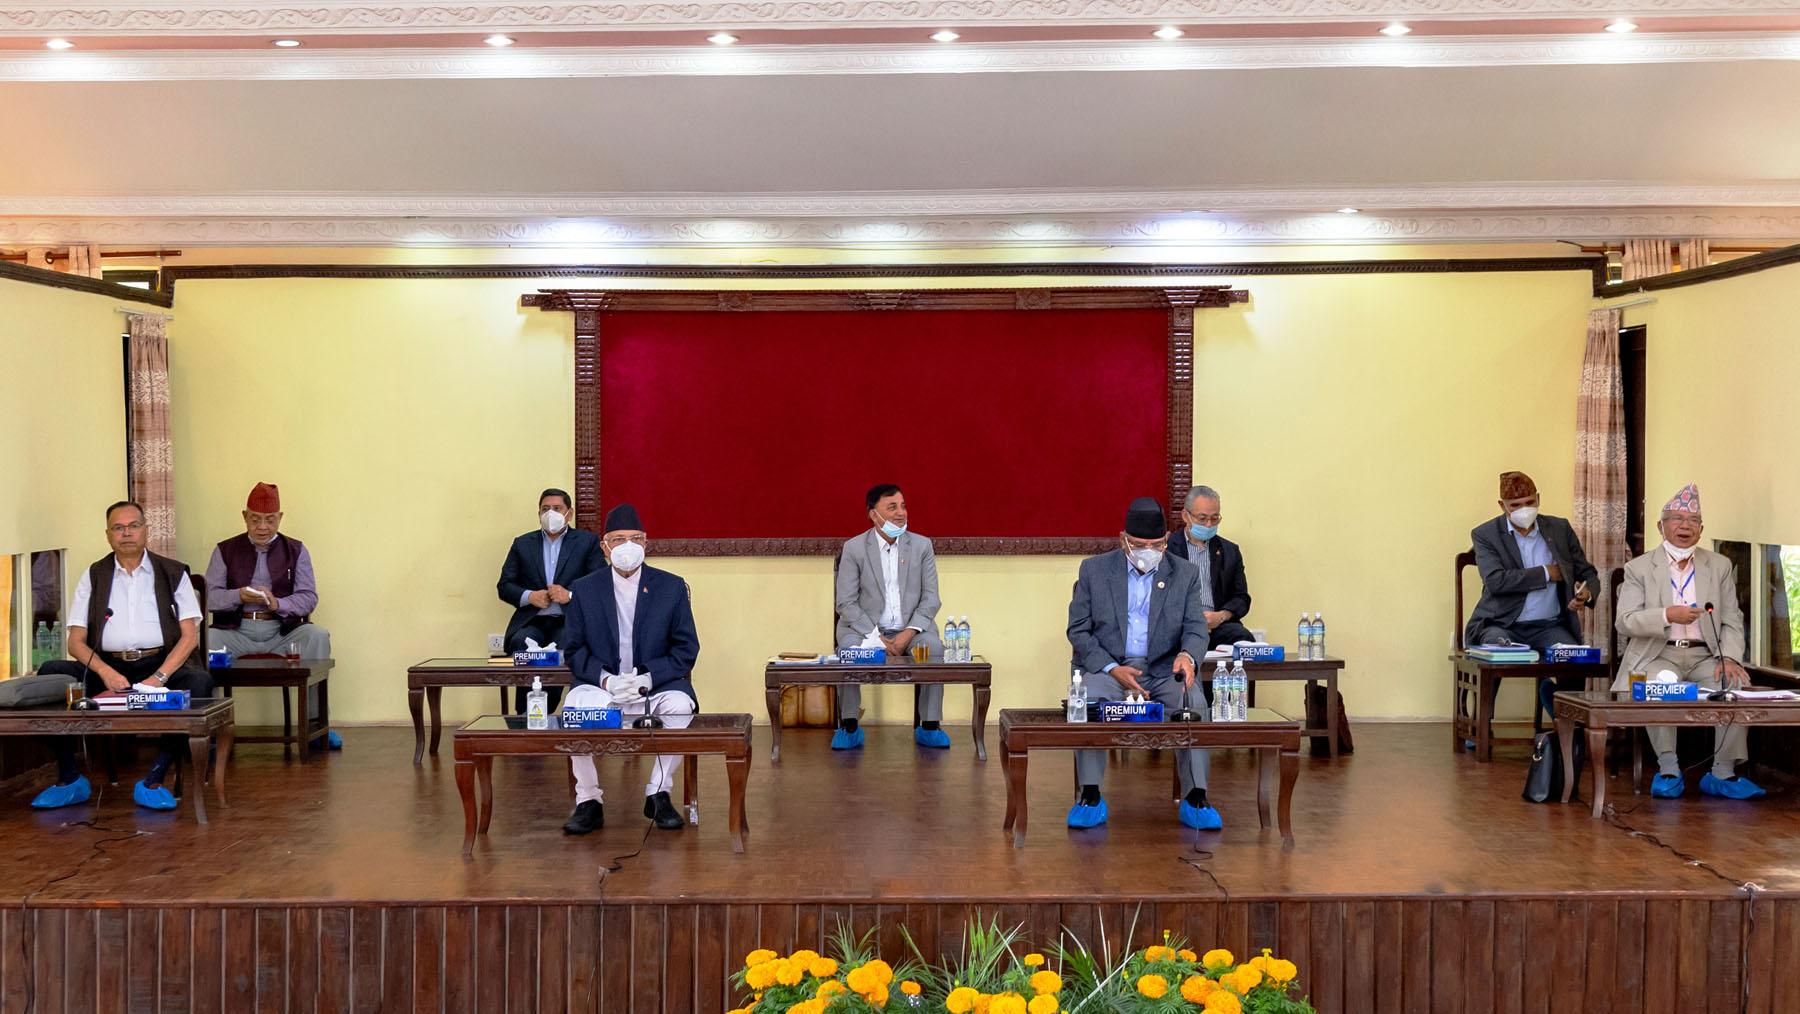 नेकपा स्थायी कमिटी बैठक : राष्ट्रिय एकतामा जोड